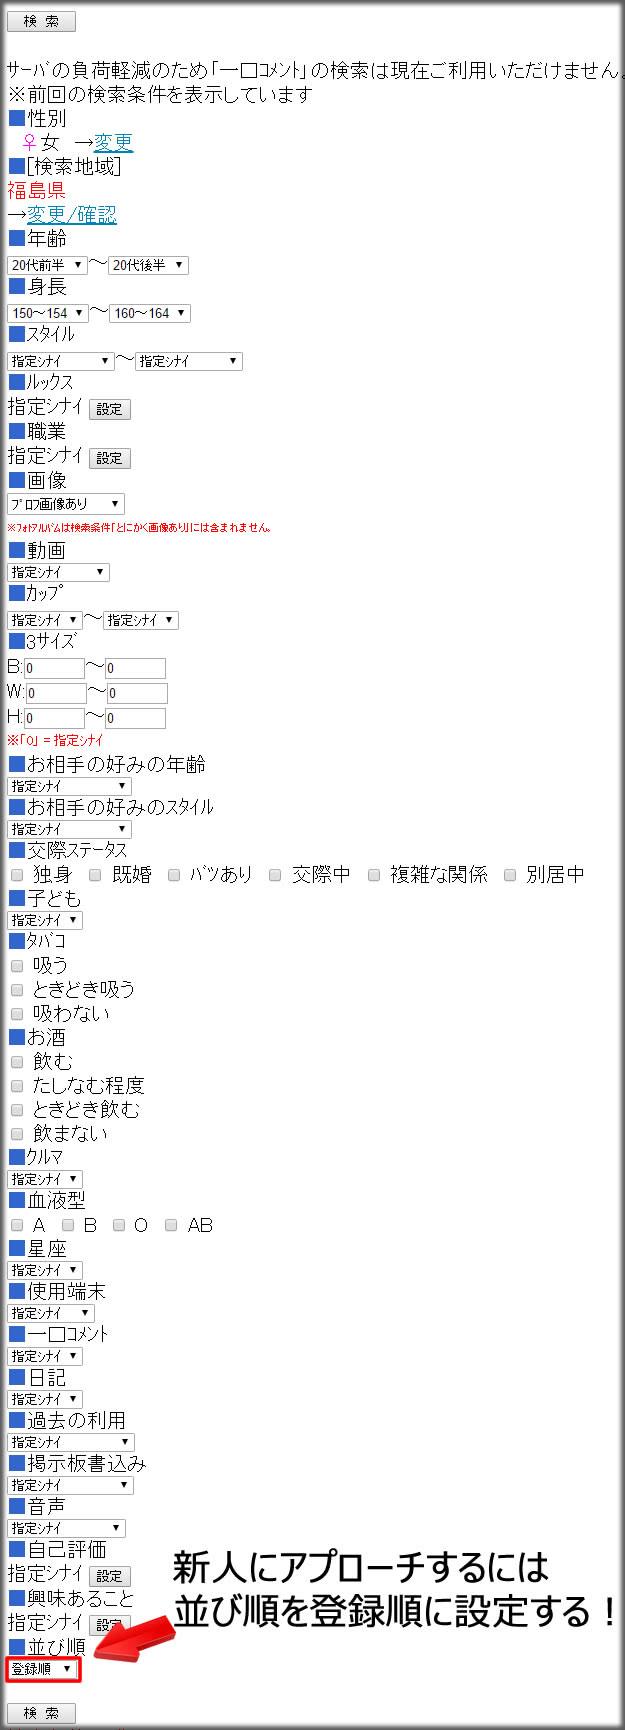 20131213-4.jpg